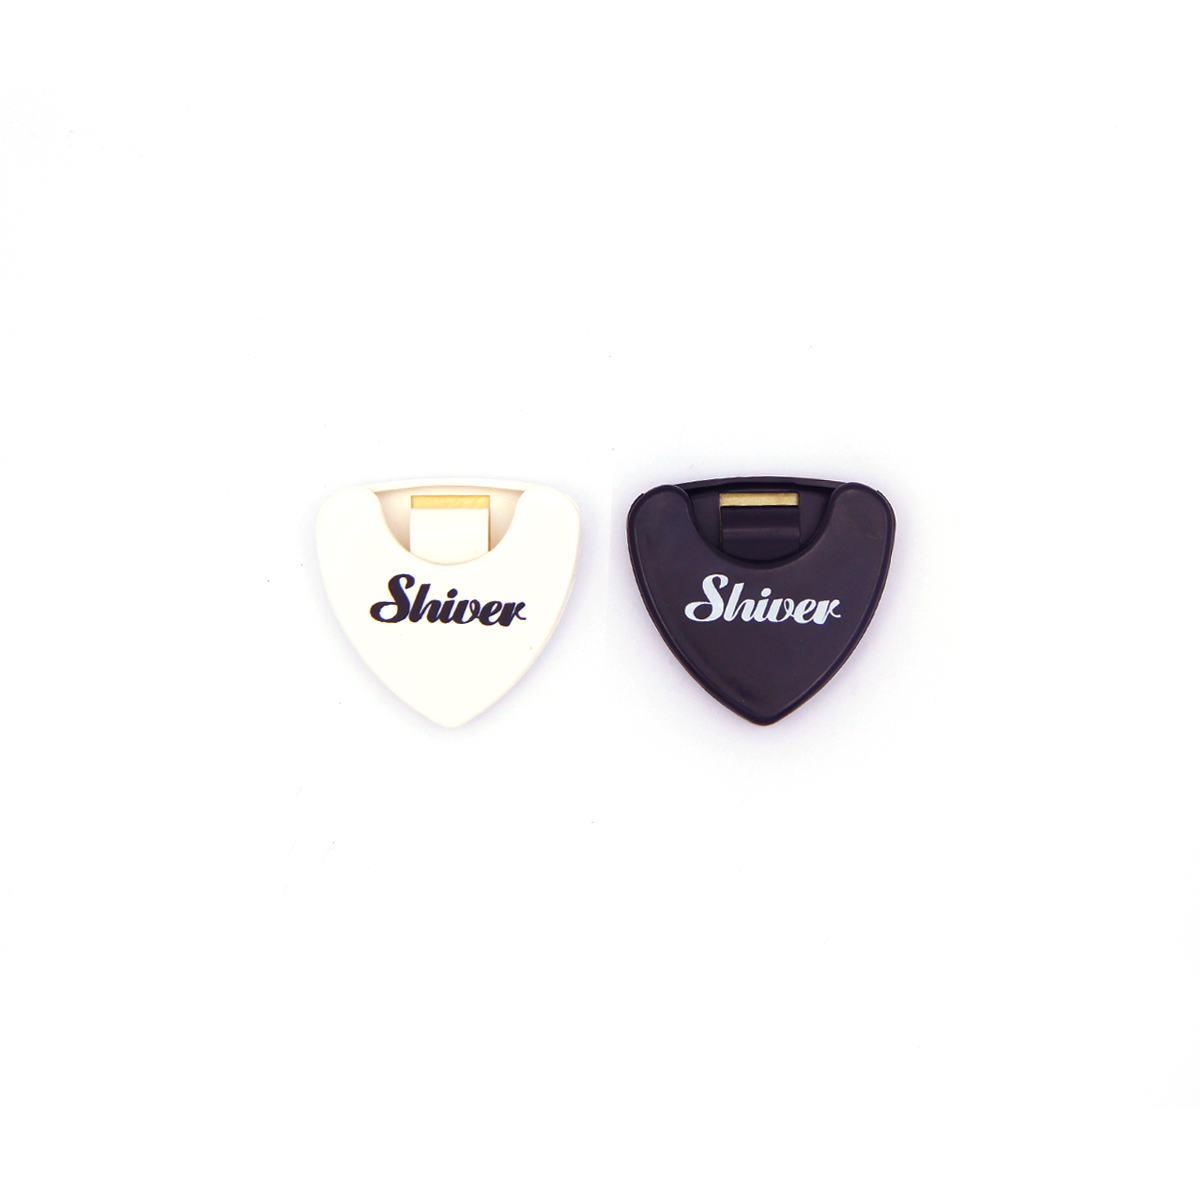 Shiver - Lot de 2 porte-médiators adhésifs